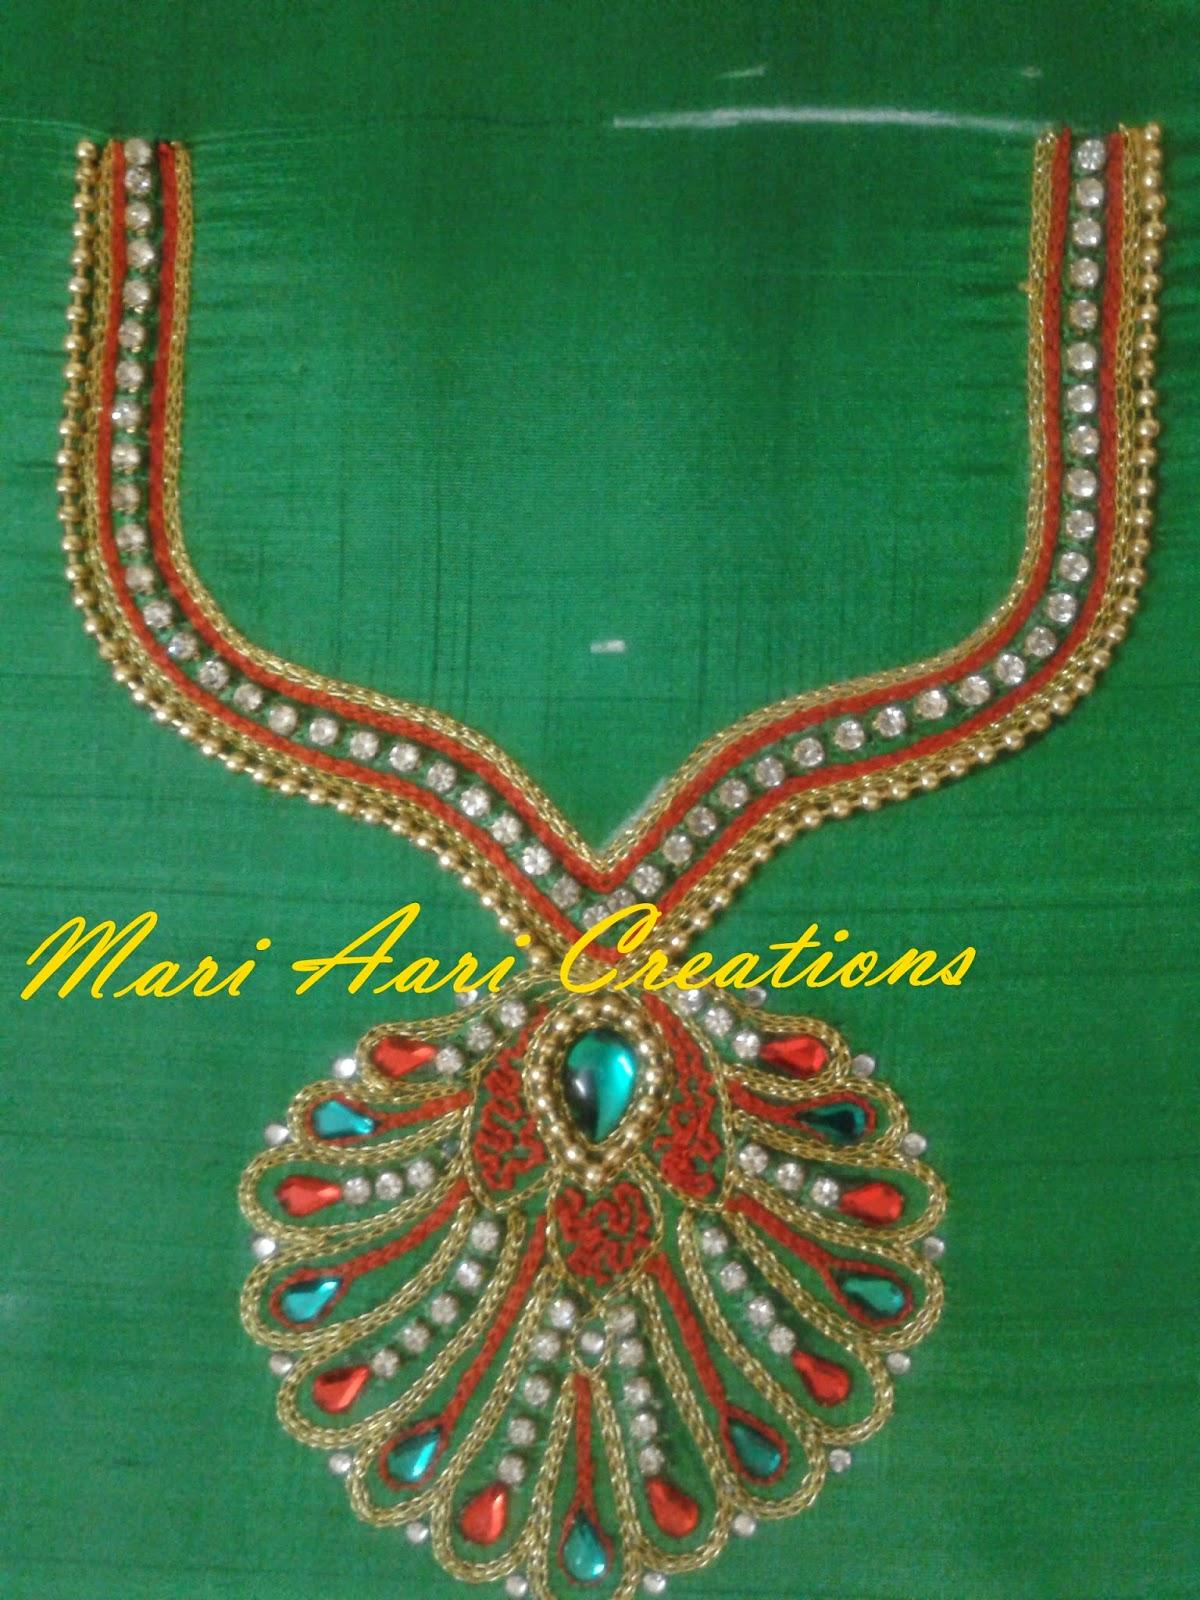 Mari aari creations fashion boutique designer